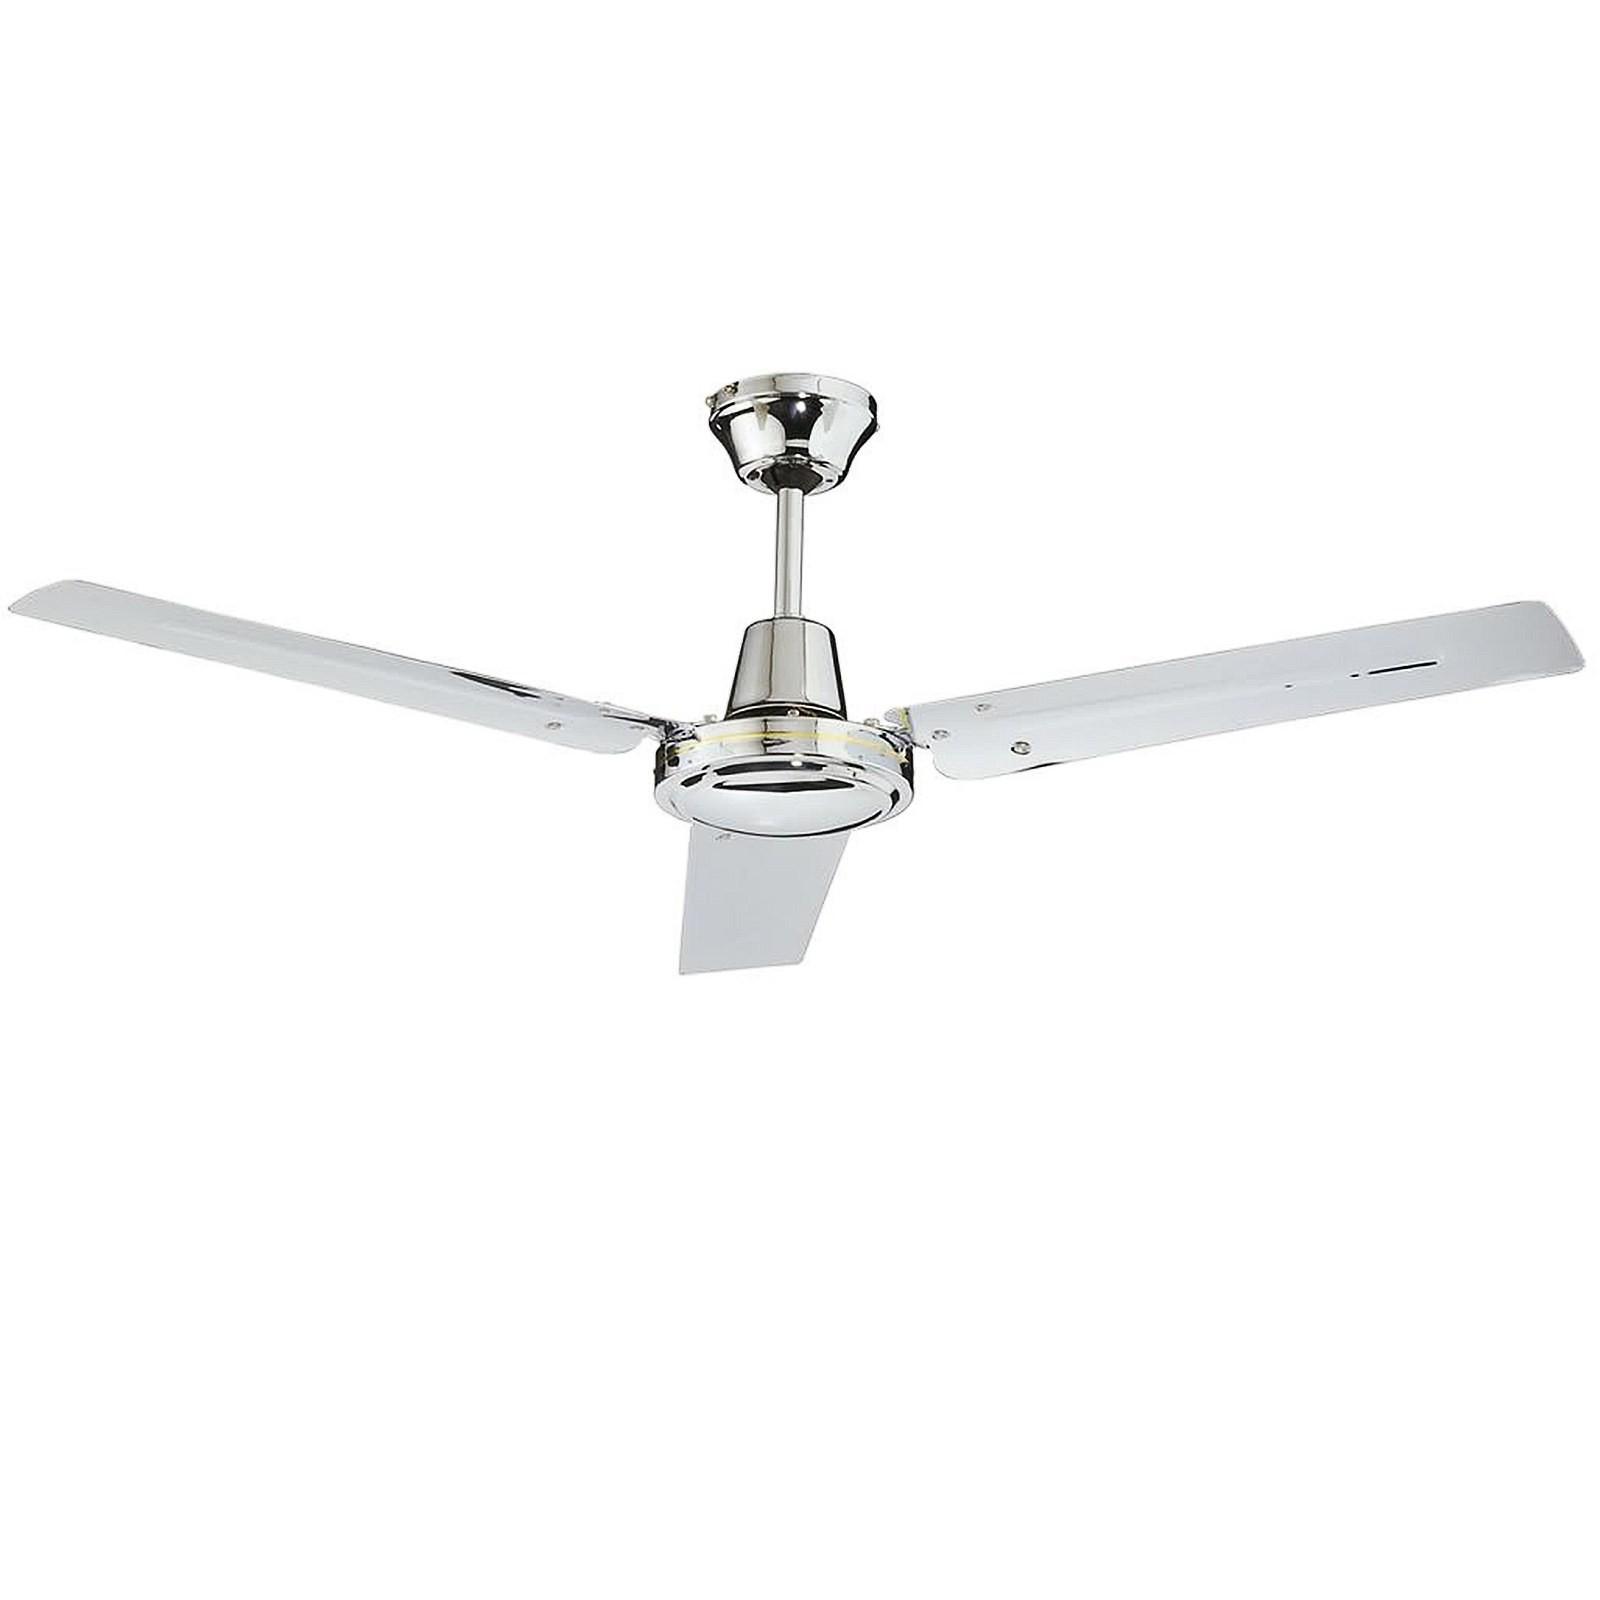 Ventilatore da parete soffitto telecomando luce lampada cfg 3 pale in metallo area illumina - Pale da soffitto design ...